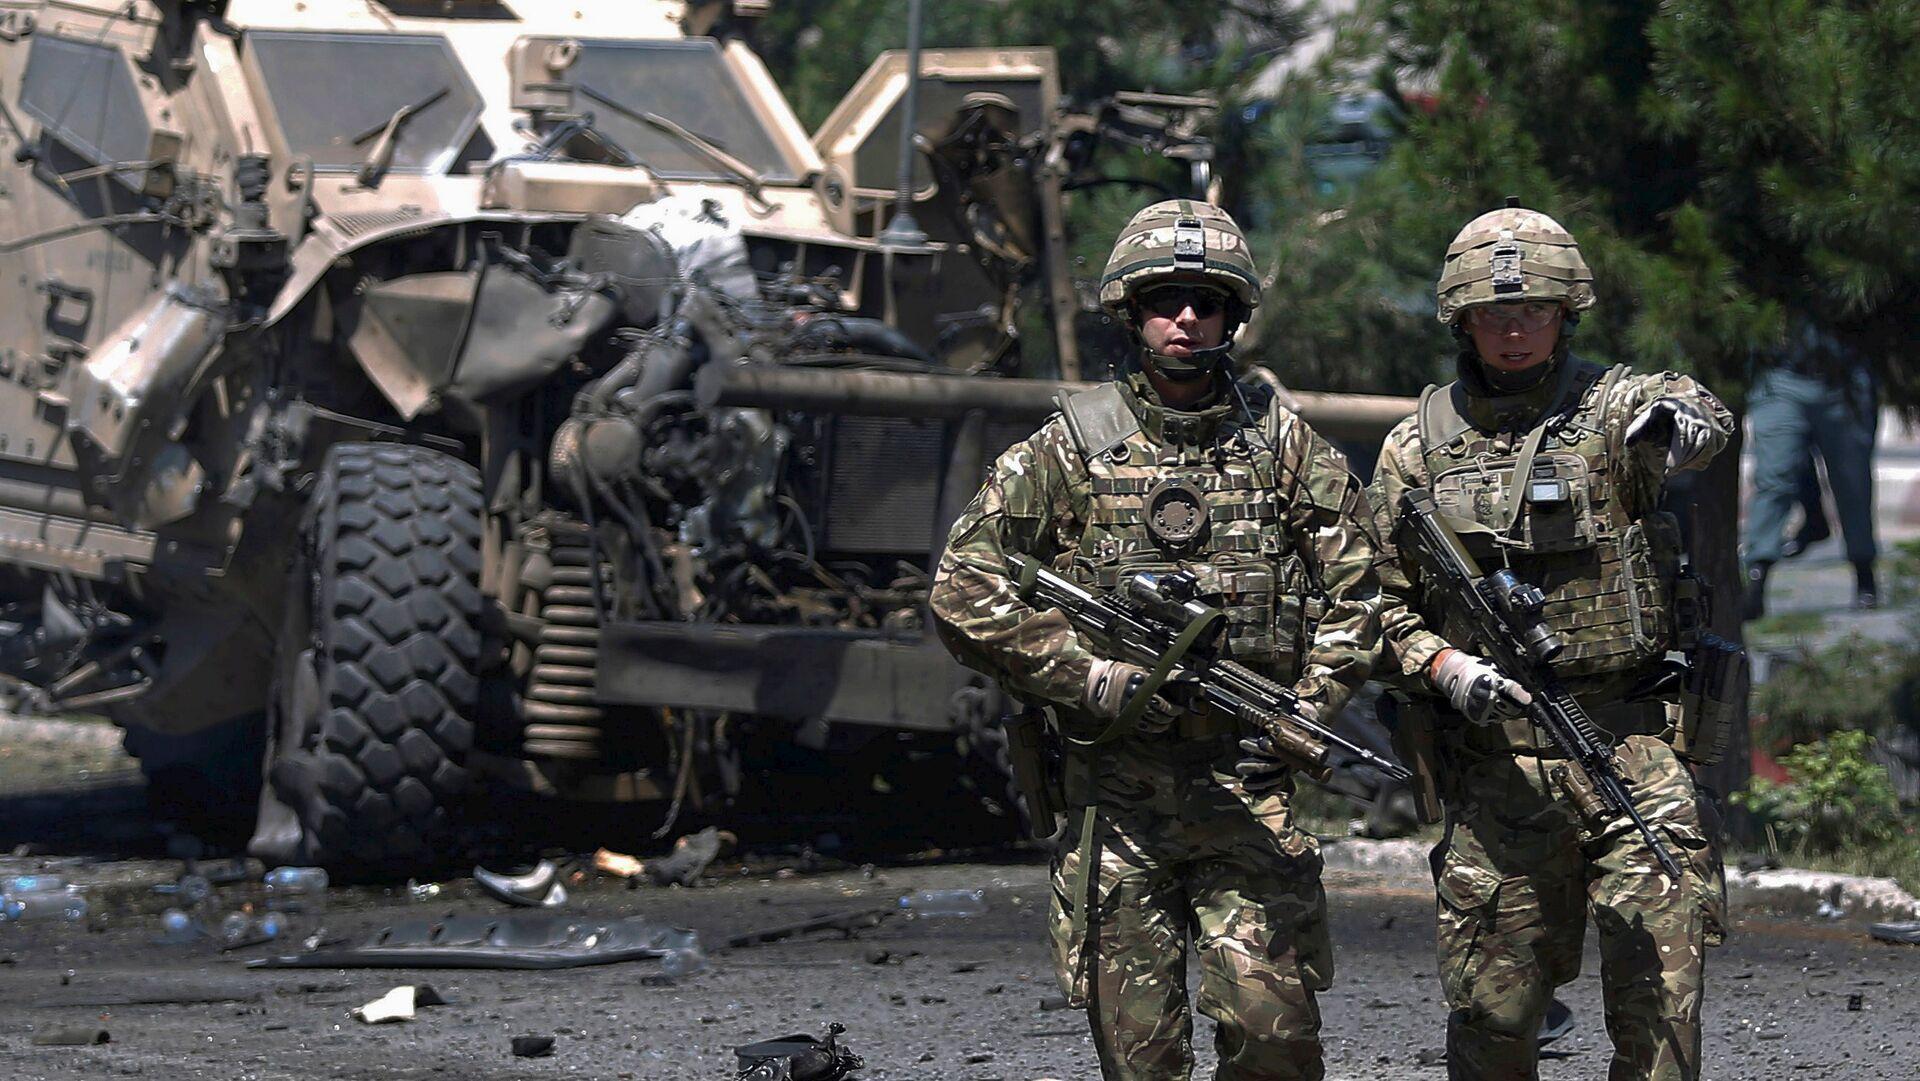 Vojáci NATO v Afghánistánu - Sputnik Česká republika, 1920, 14.04.2021